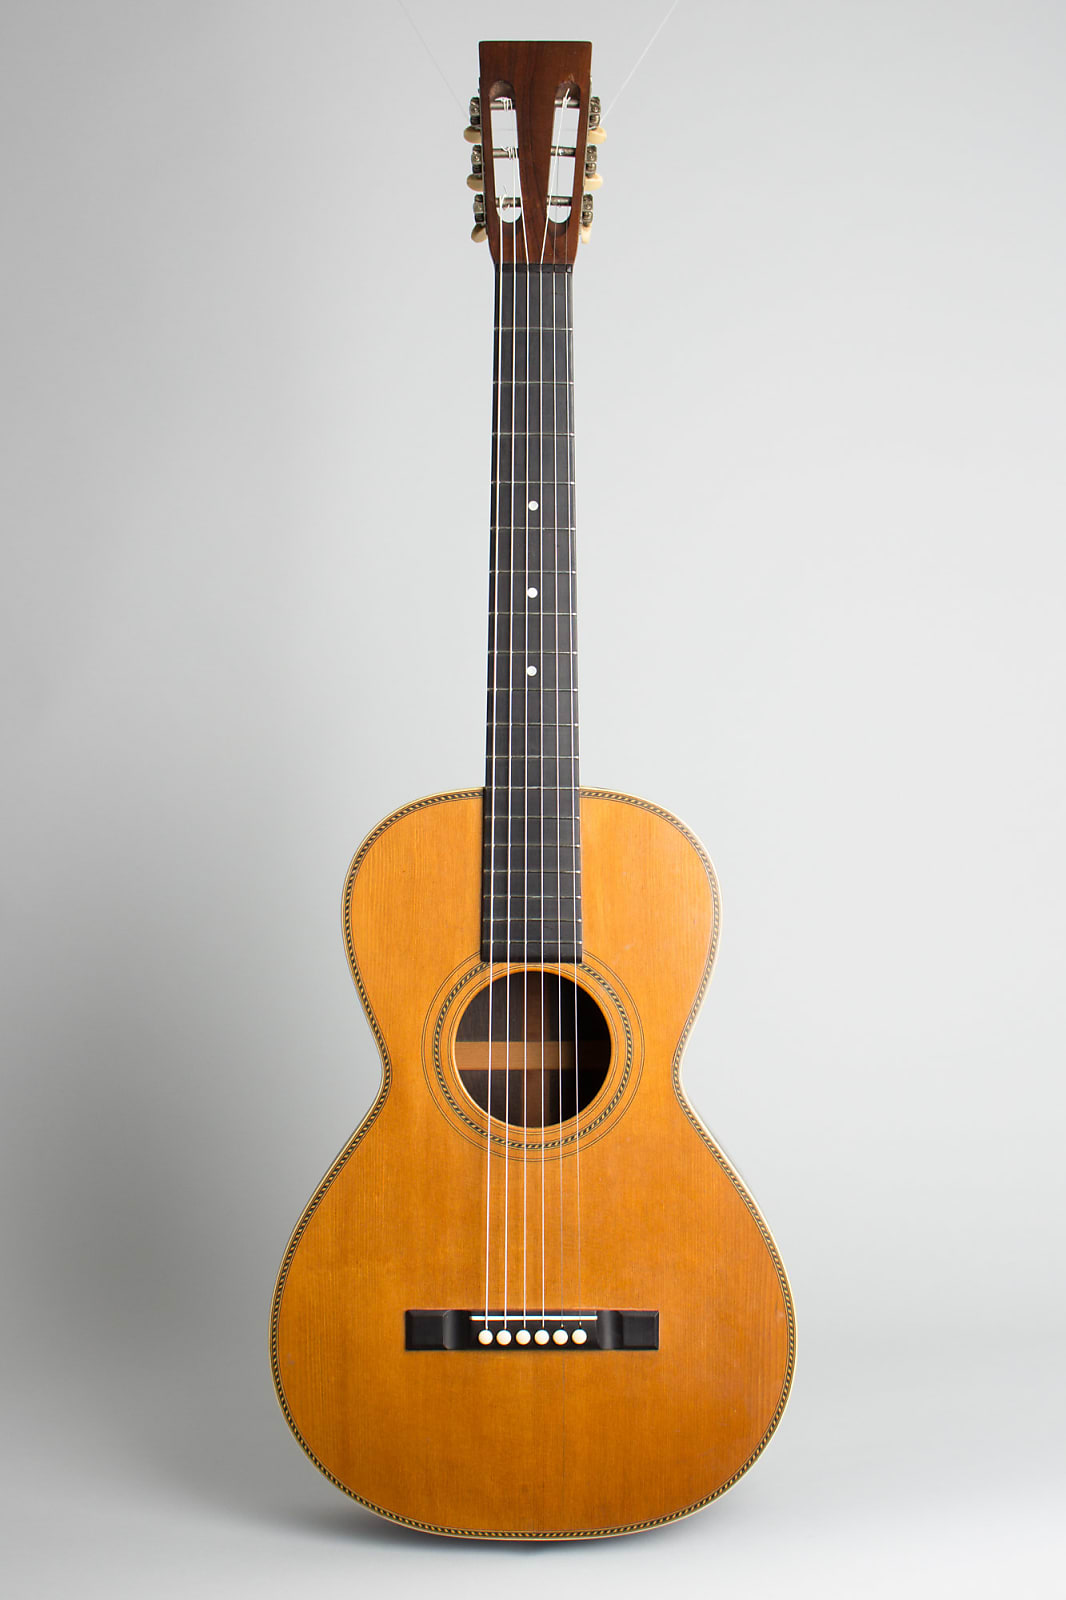 Weymann  High Grade Flat Top Acoustic Guitar,  c. 1908, ser. #8003, black tolex hard shell case.